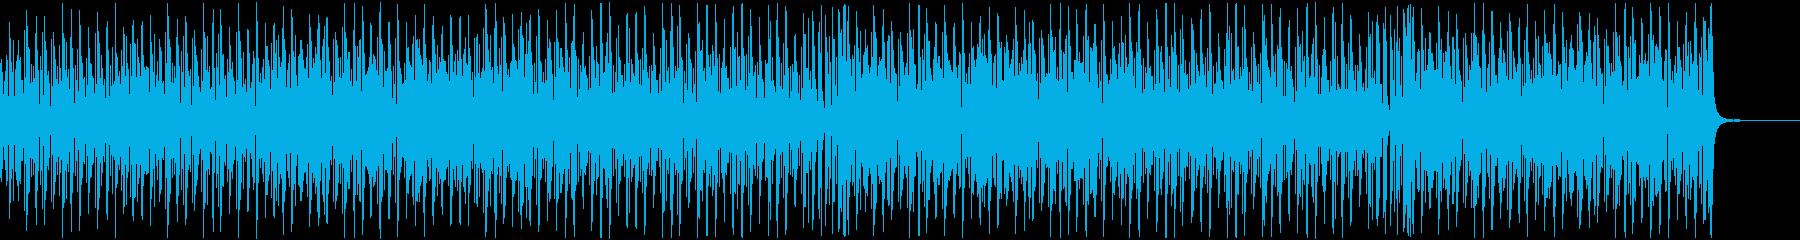 【YouTube】シンキングタイムの再生済みの波形